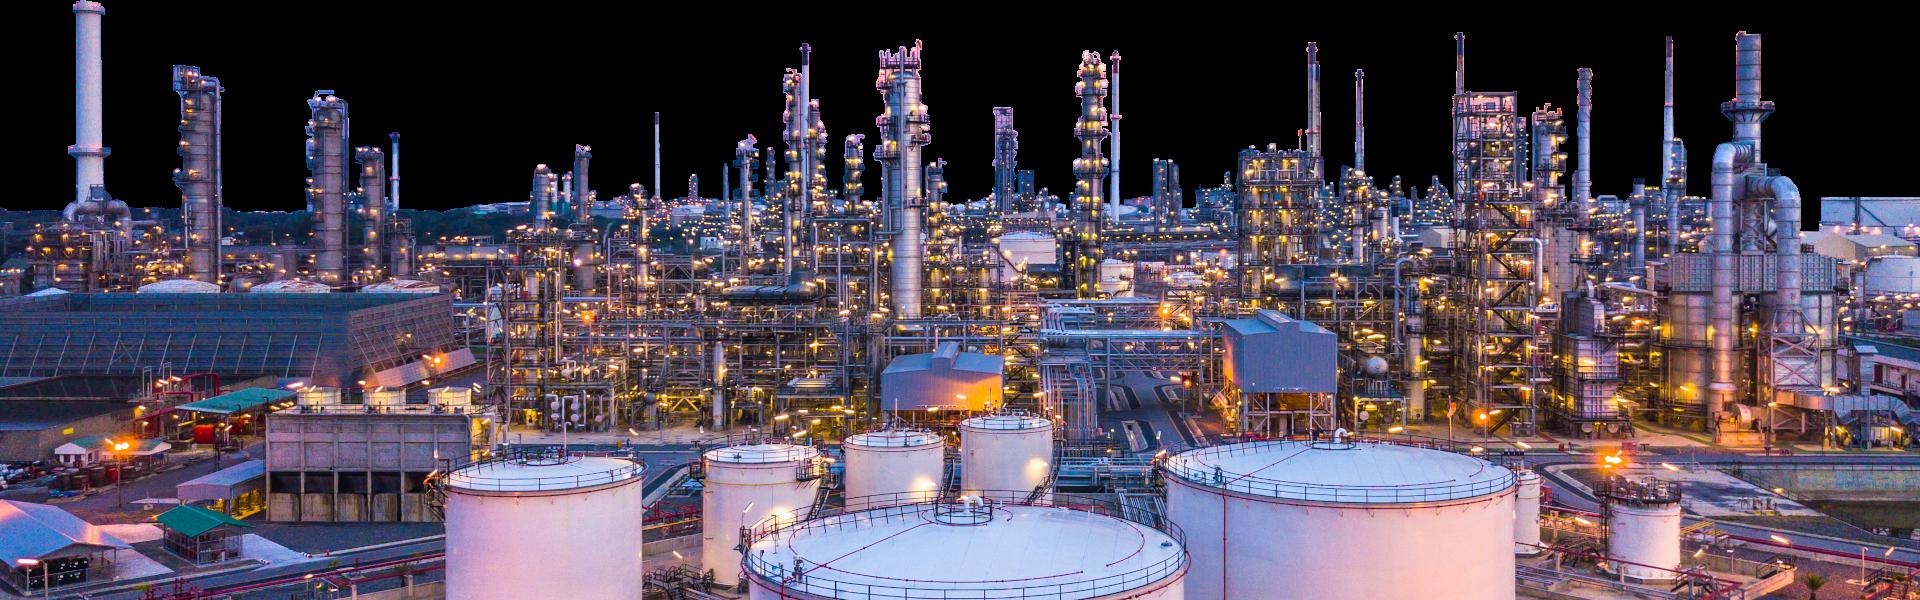 Oil & Gas Tanks